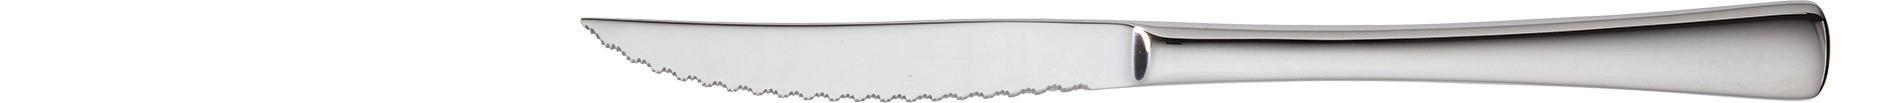 Karina, Steakmesser 218 mm mit Piranhaschliff